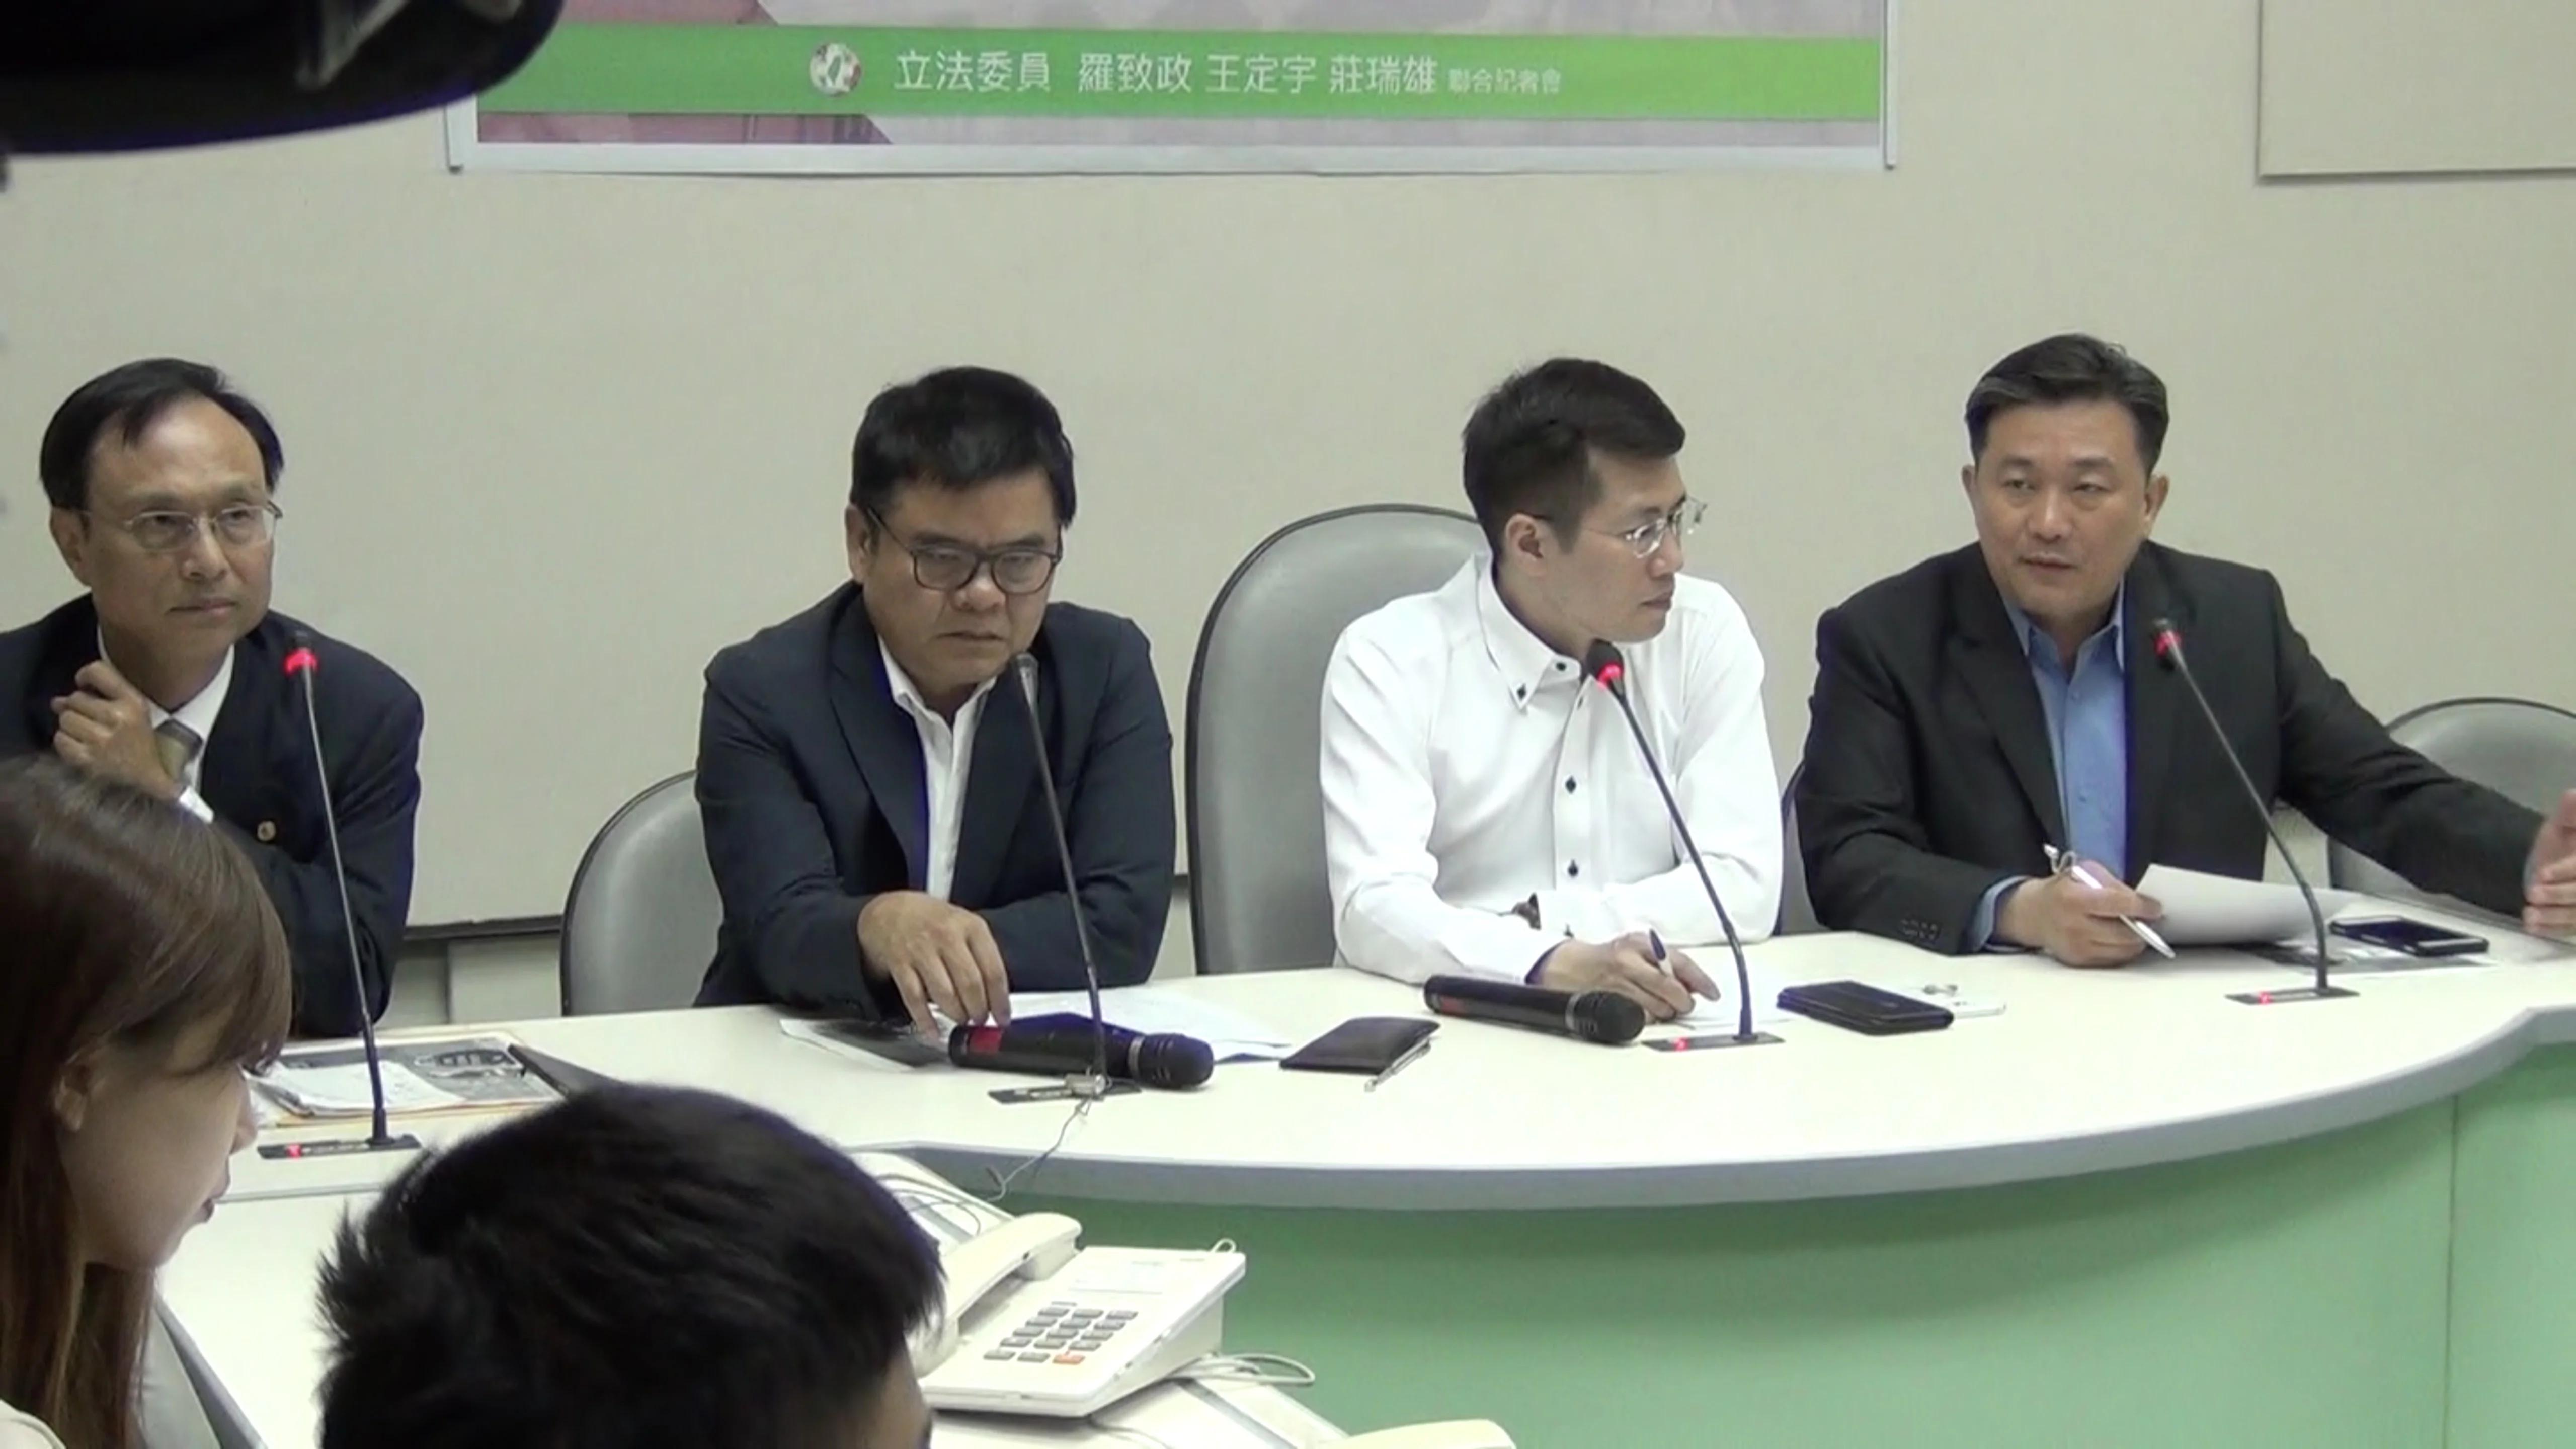 台湾5个外馆受中共打压要求改名